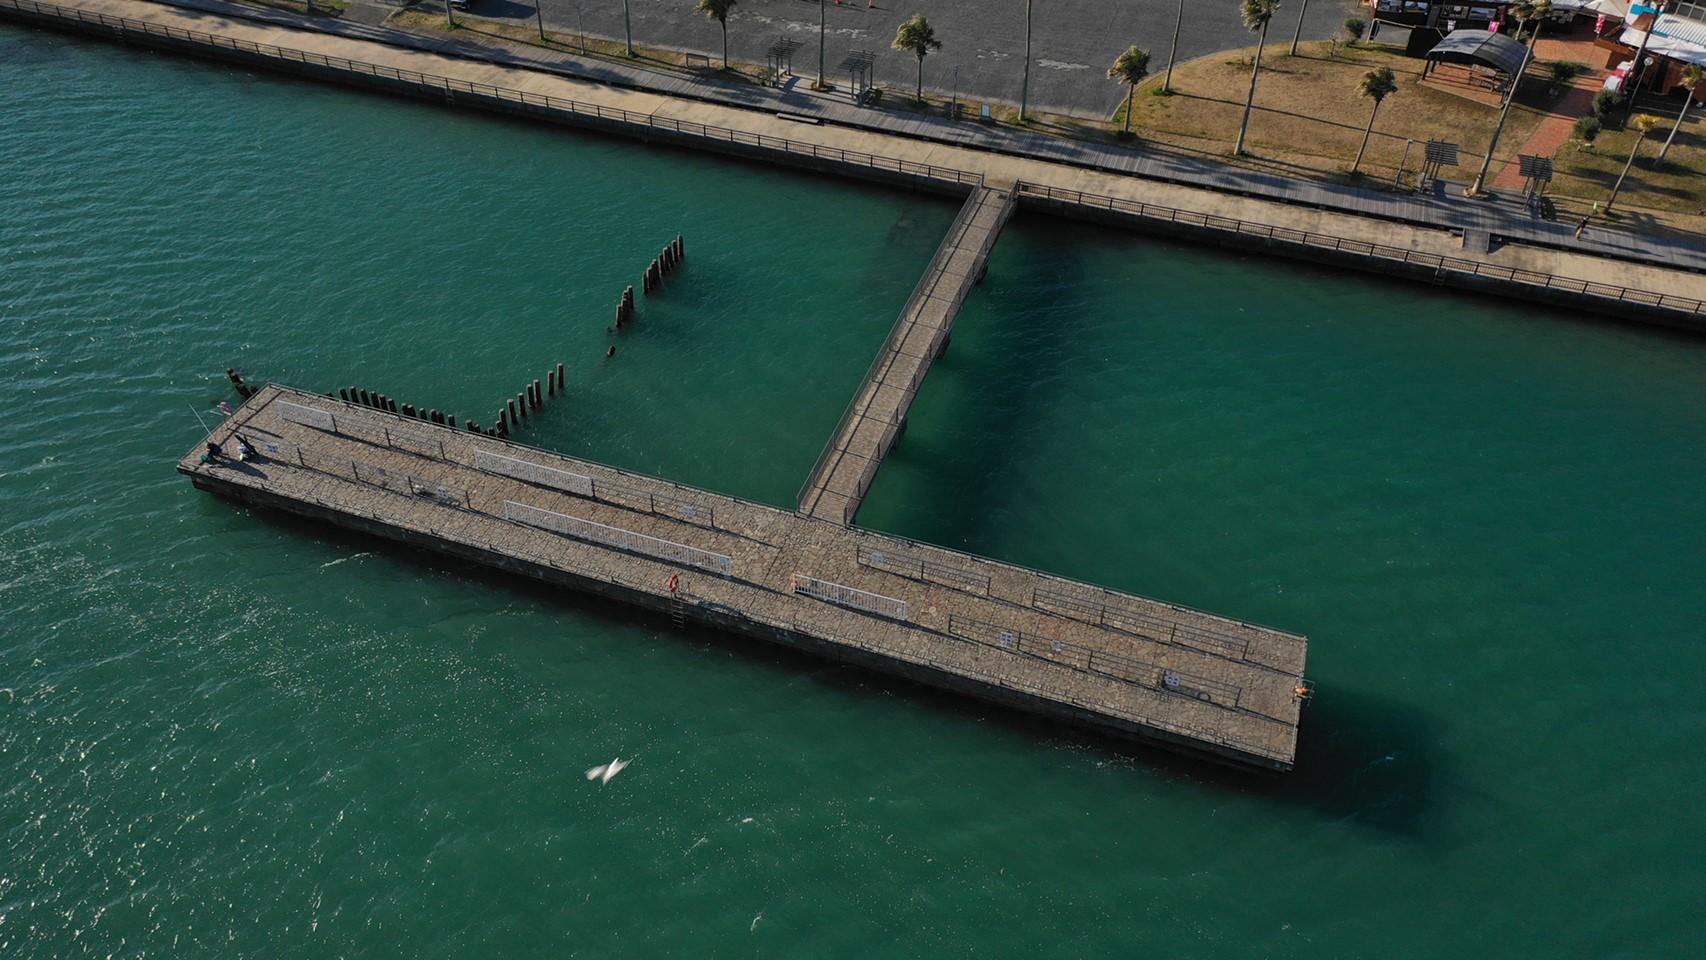 【浜名湖南部】『新居海釣公園』の釣り場ガイド